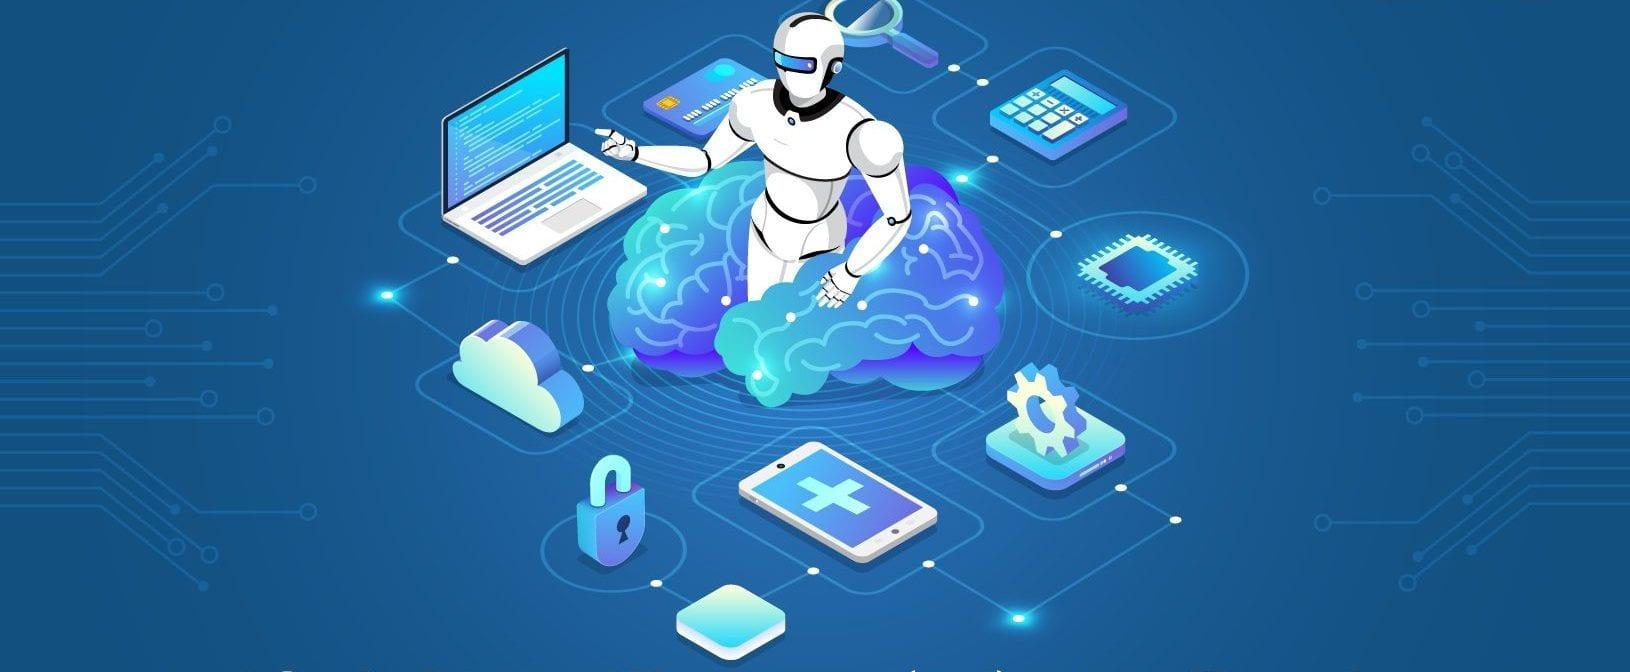 تطبيقات الذكاء الاصطناعي اتجاهات تطوير البرمجيات 2020